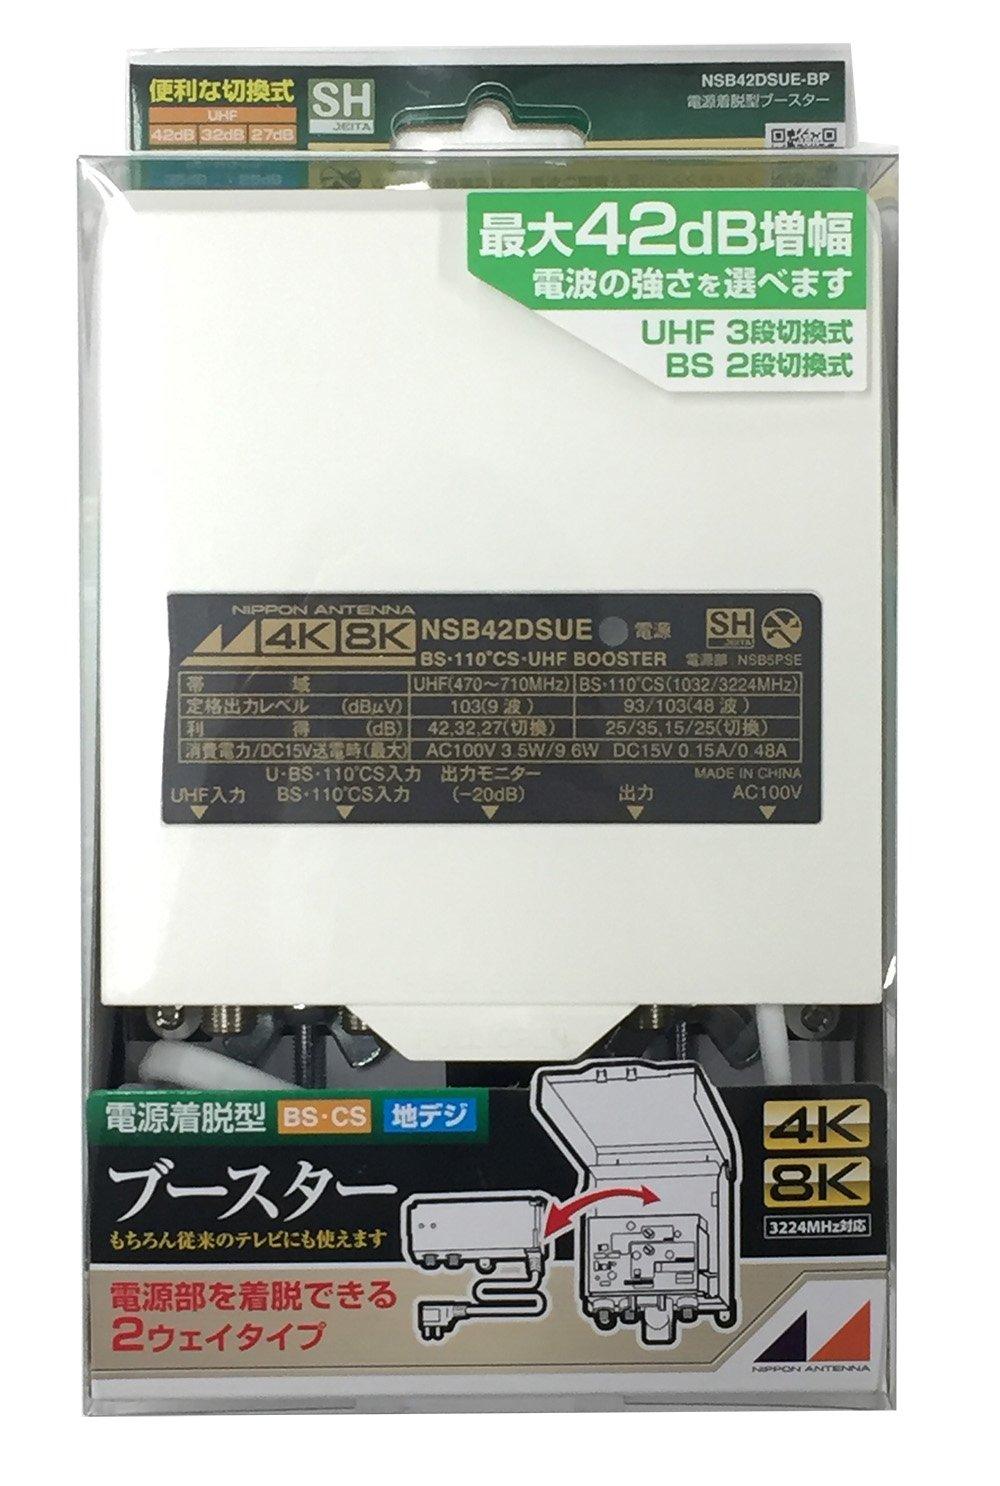 ★日本アンテナ 3.2GHz(4K・8K放送)に対応 利得切換式屋外用電源着脱型ブースター NSB42DSUE-BP